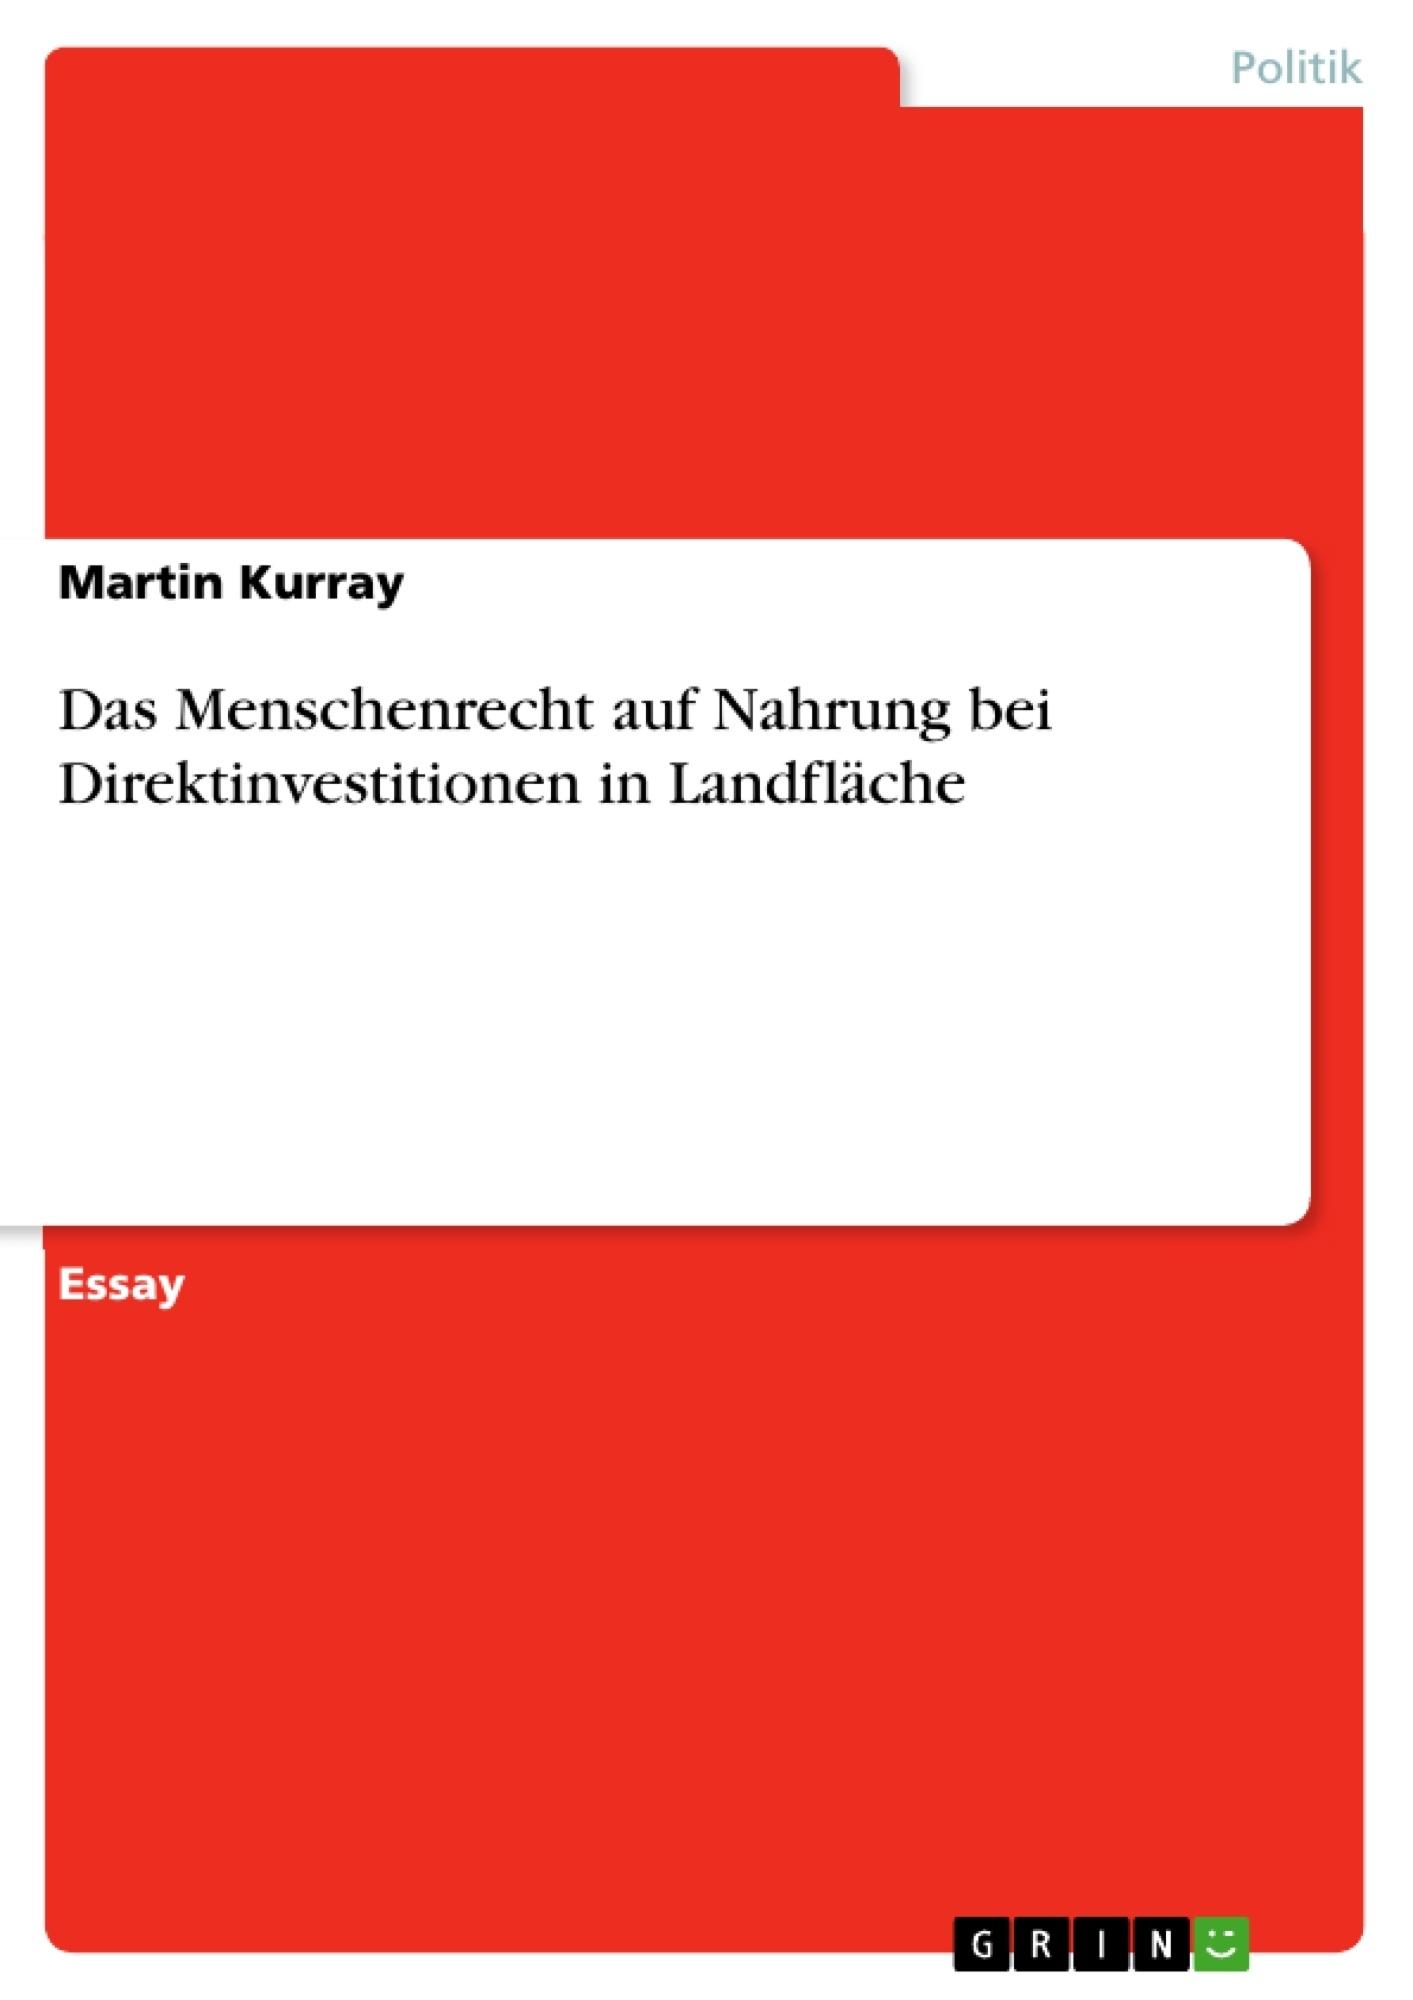 Titel: Das Menschenrecht auf Nahrung bei Direktinvestitionen in Landfläche